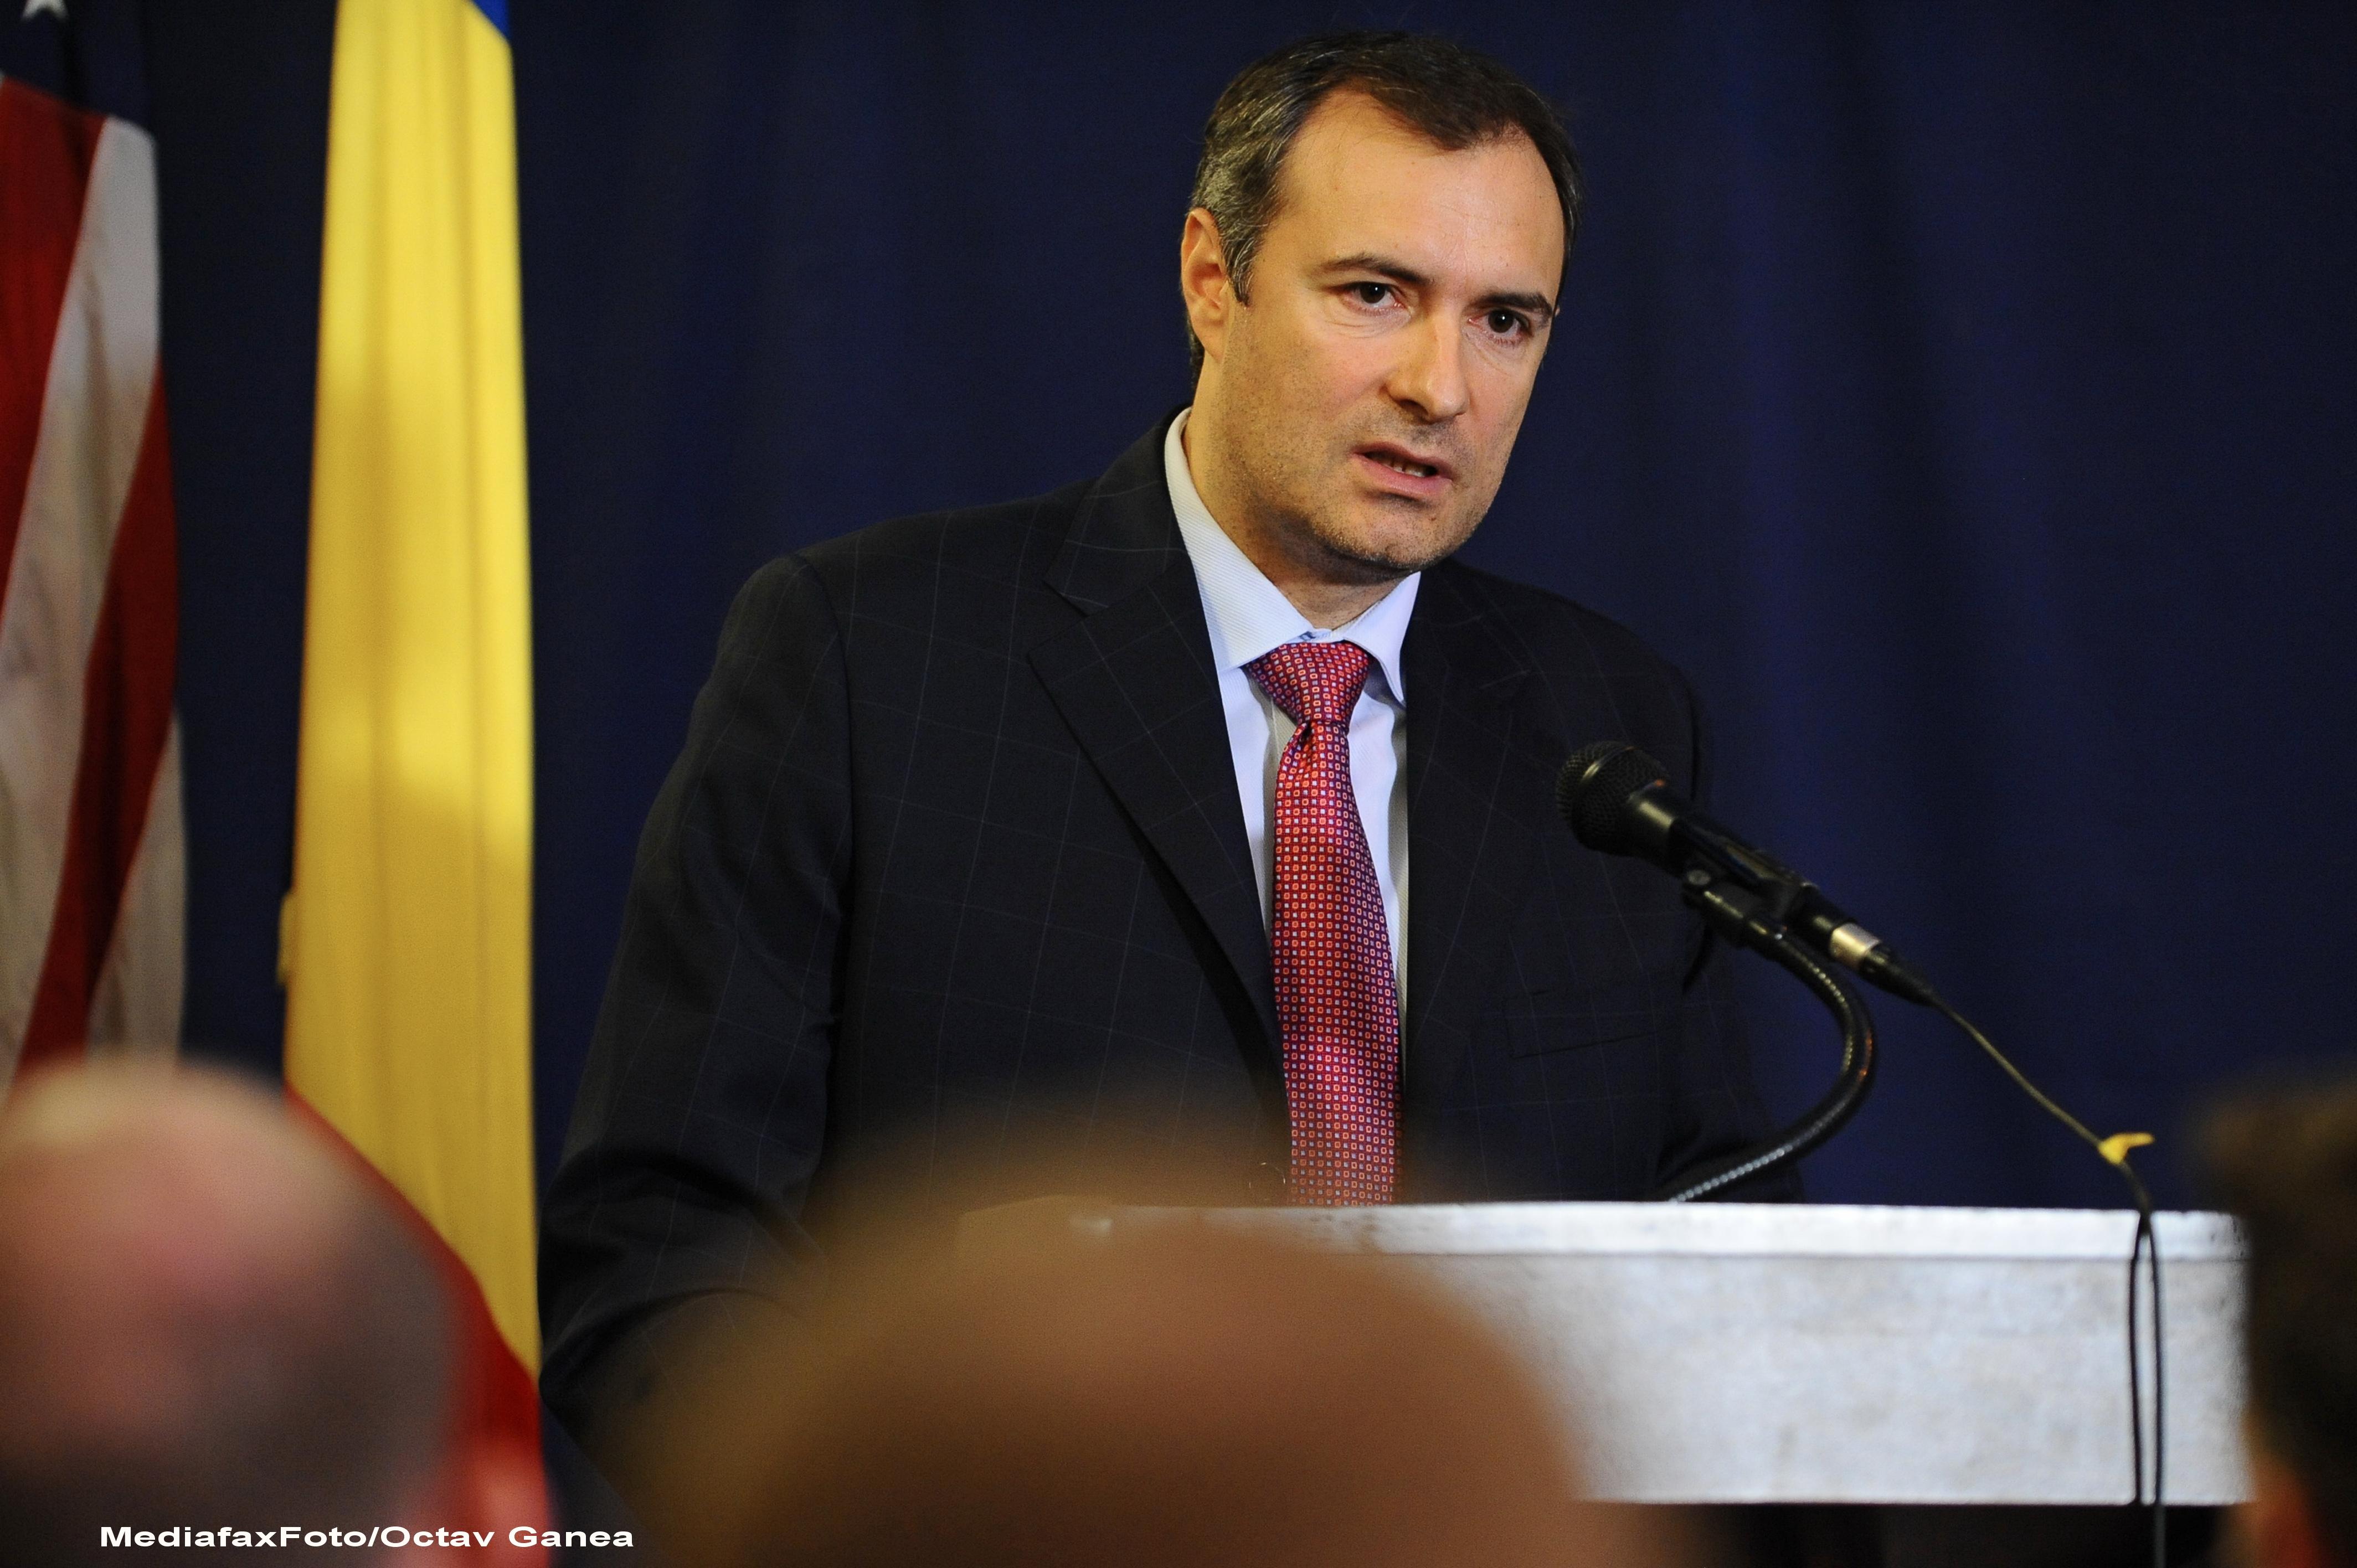 Directorul interimar al SRI, Florian Coldea, va fi audiat in 9 februarie la Comisia SRI din Parlament